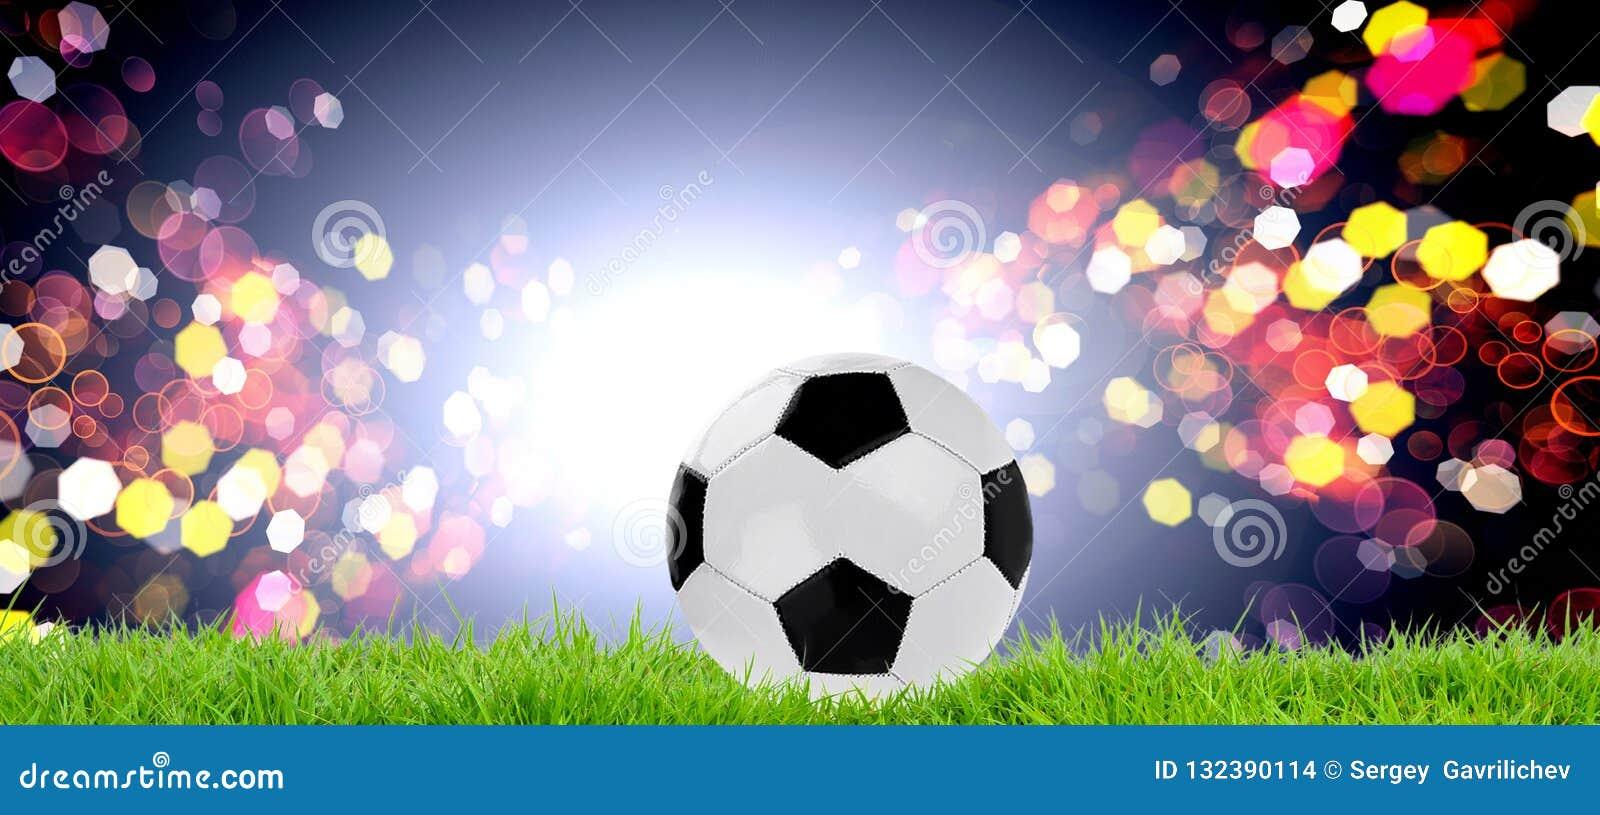 Концепция футбольного матча спорт индустрии